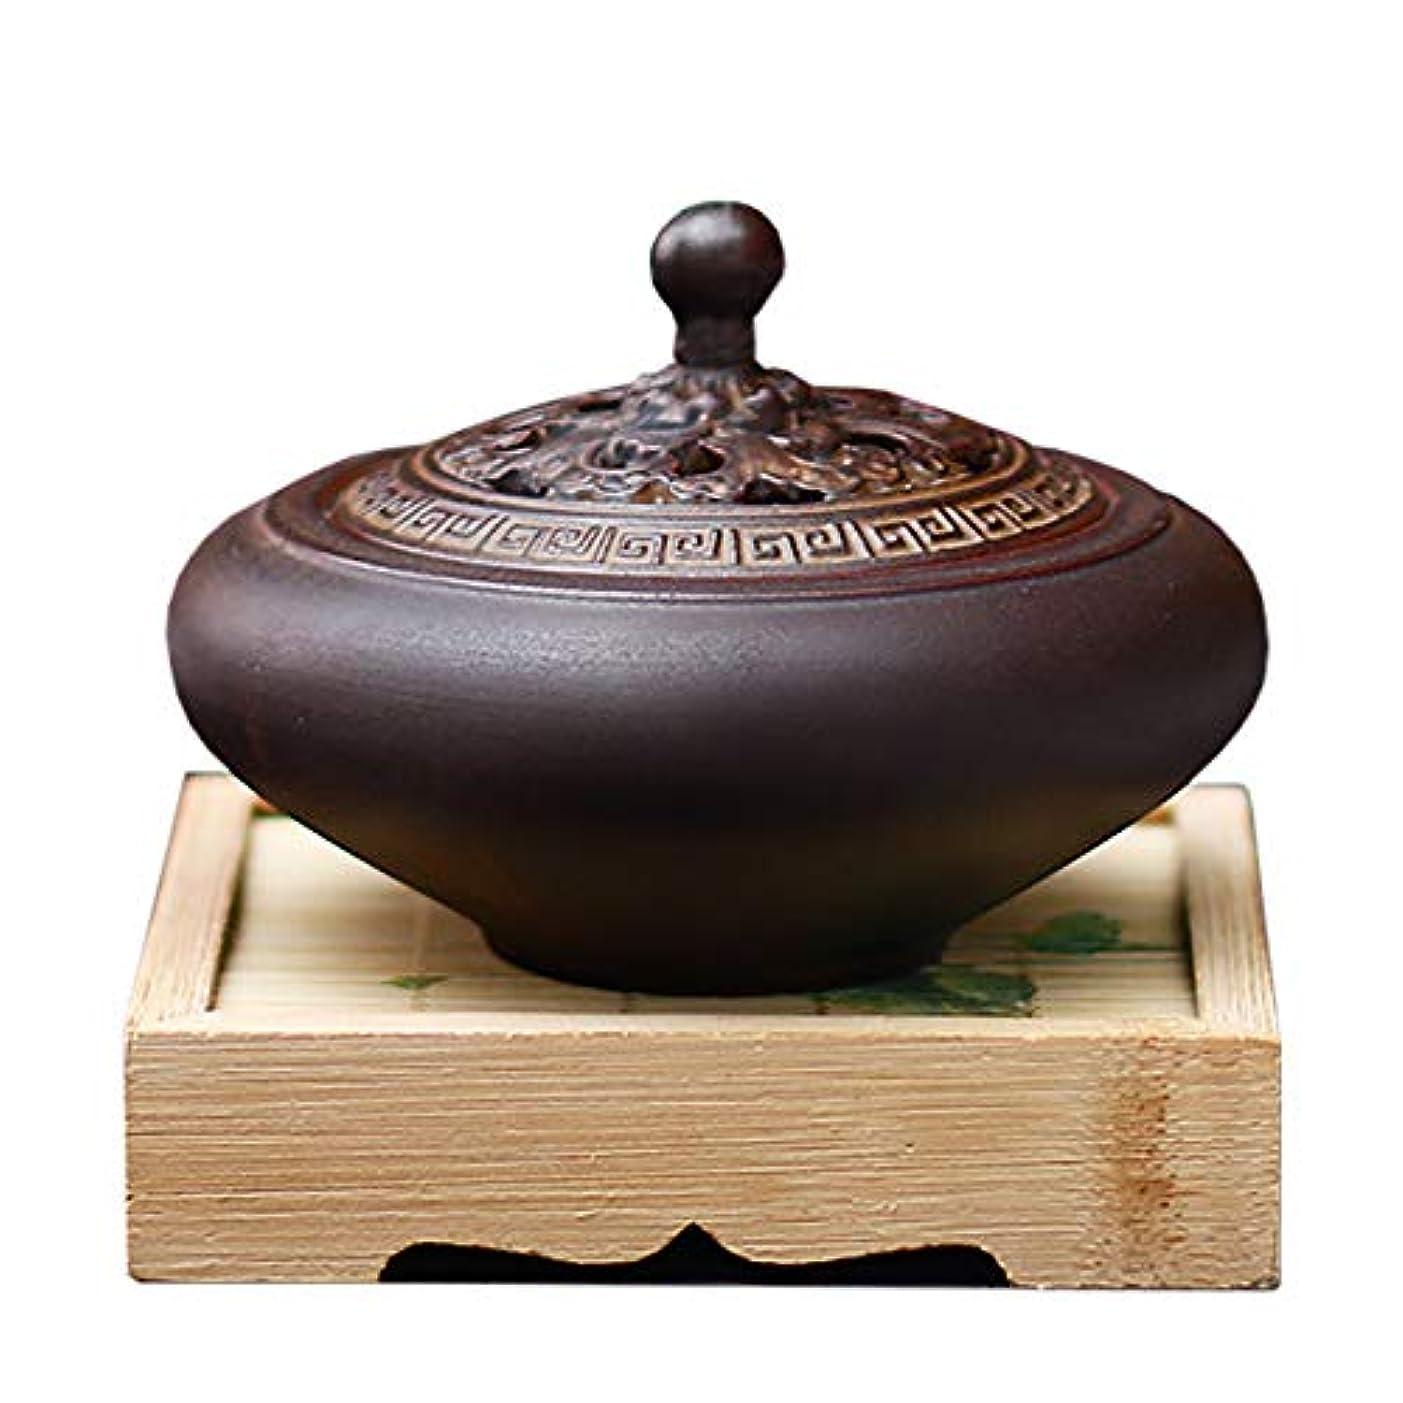 めまいストライドマトロンHAMILO 蓋付香炉 陶器 中国風 古典 アロマ 癒し 香道 お香 コーン 抹香 手作り 木製台付 (ブラウン)